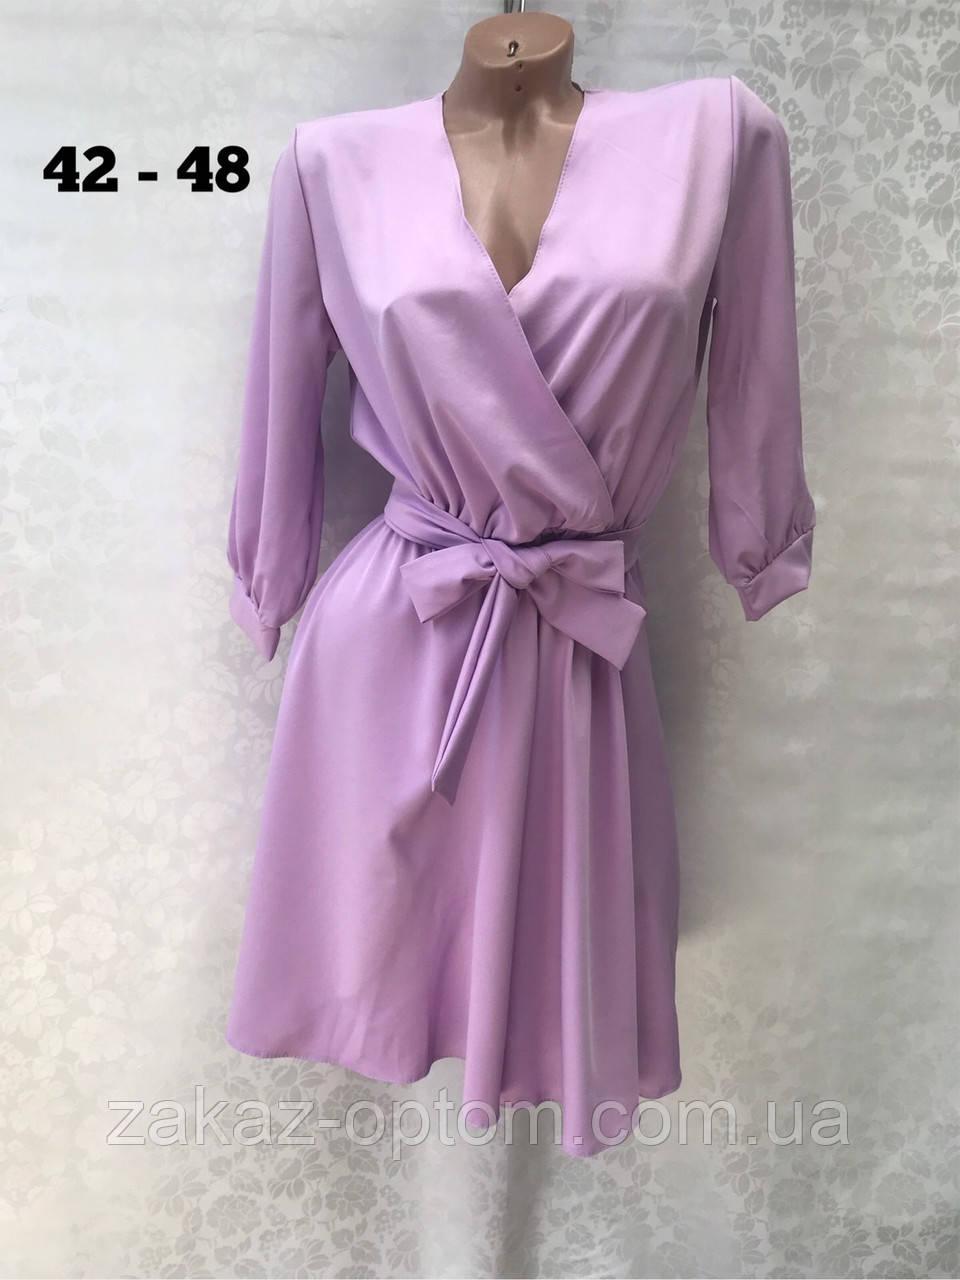 Платье женское оптом(42-48)Украина-64397